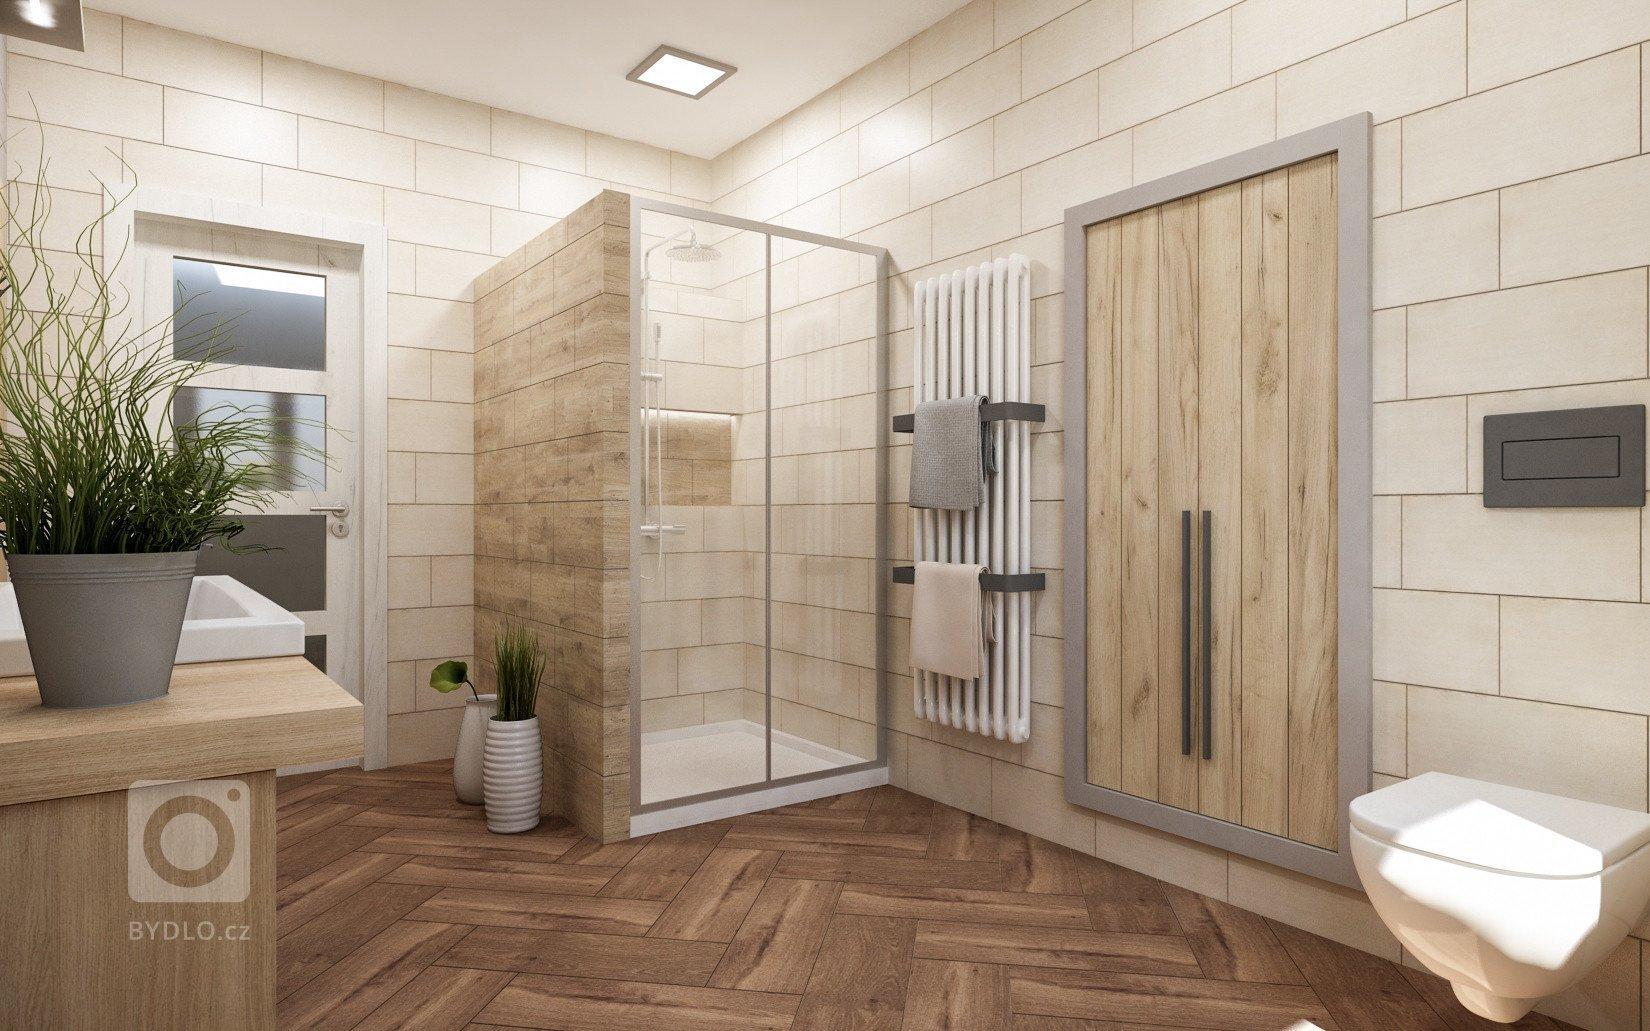 Koupelna se nachází v podkroví rekonstruovaného domu. Celé podkroví má asi 90m2 a zahrnuje pokoje dvou dospívajíchdětí, chodbu a koupelnu. S klienty jsem…